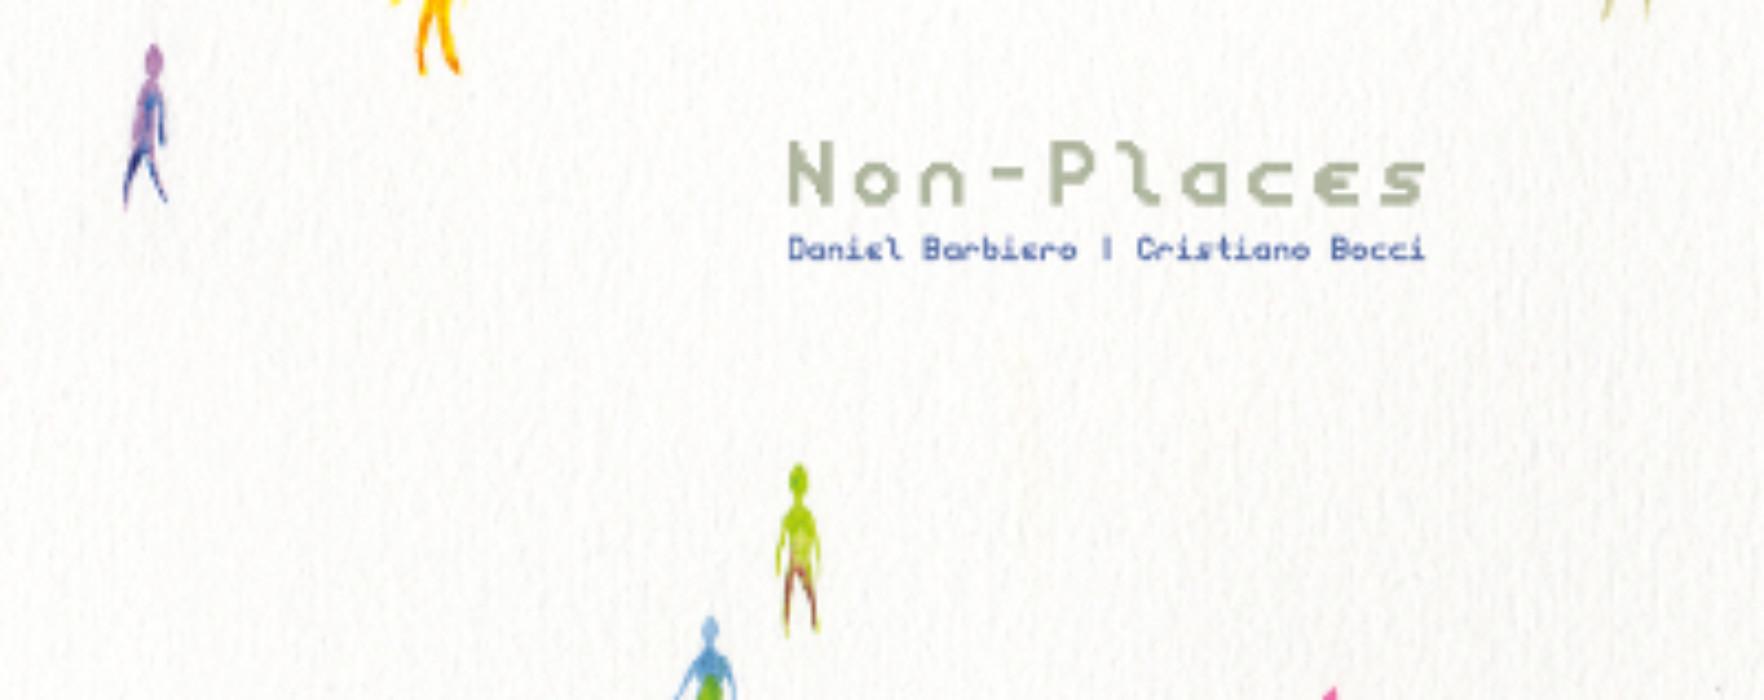 """Daniel Barbiero e Cristiano Bocci, """"Non-places"""": la recensione"""